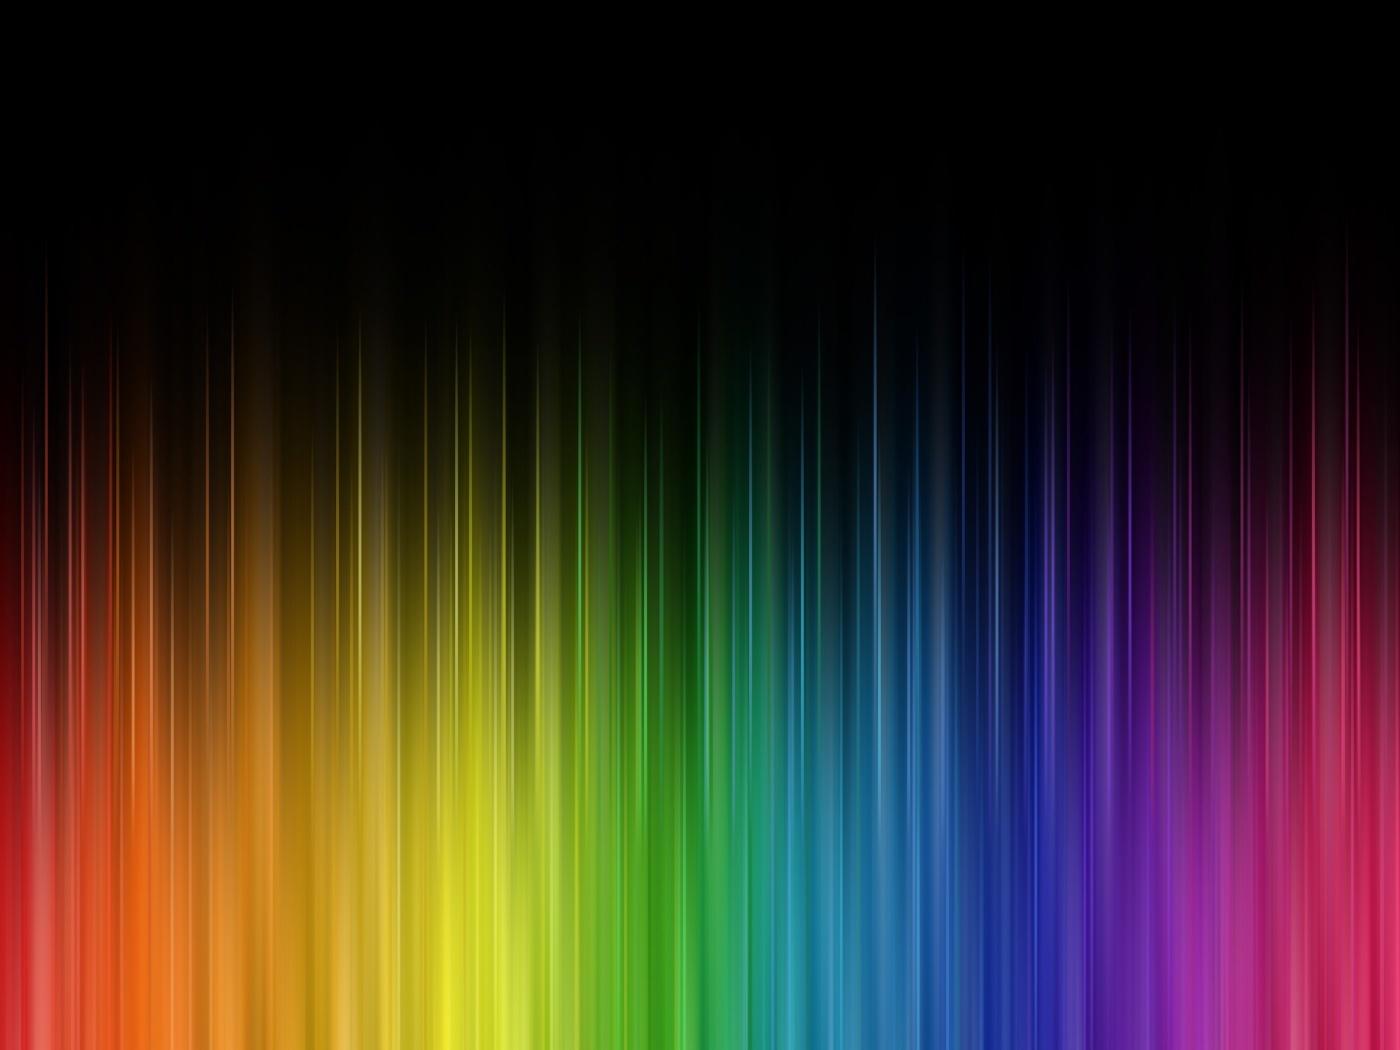 30341 Hintergrundbild 360x640 kostenlos auf deinem Handy, lade Bilder Hintergrund, Regenbogen 360x640 auf dein Handy herunter